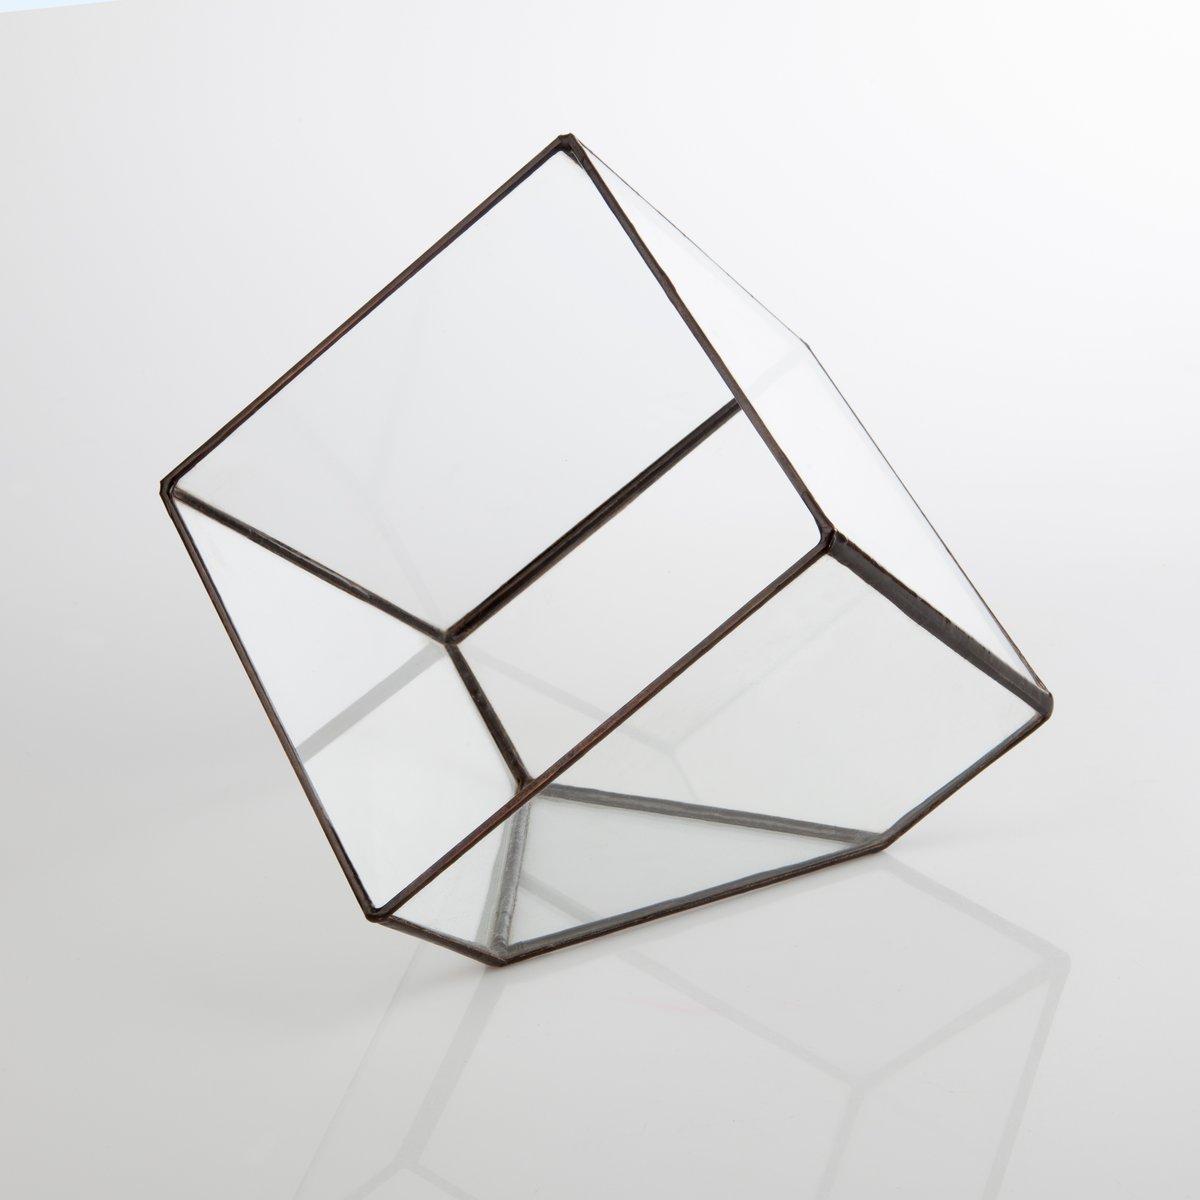 Image of Large Cube Terrarium